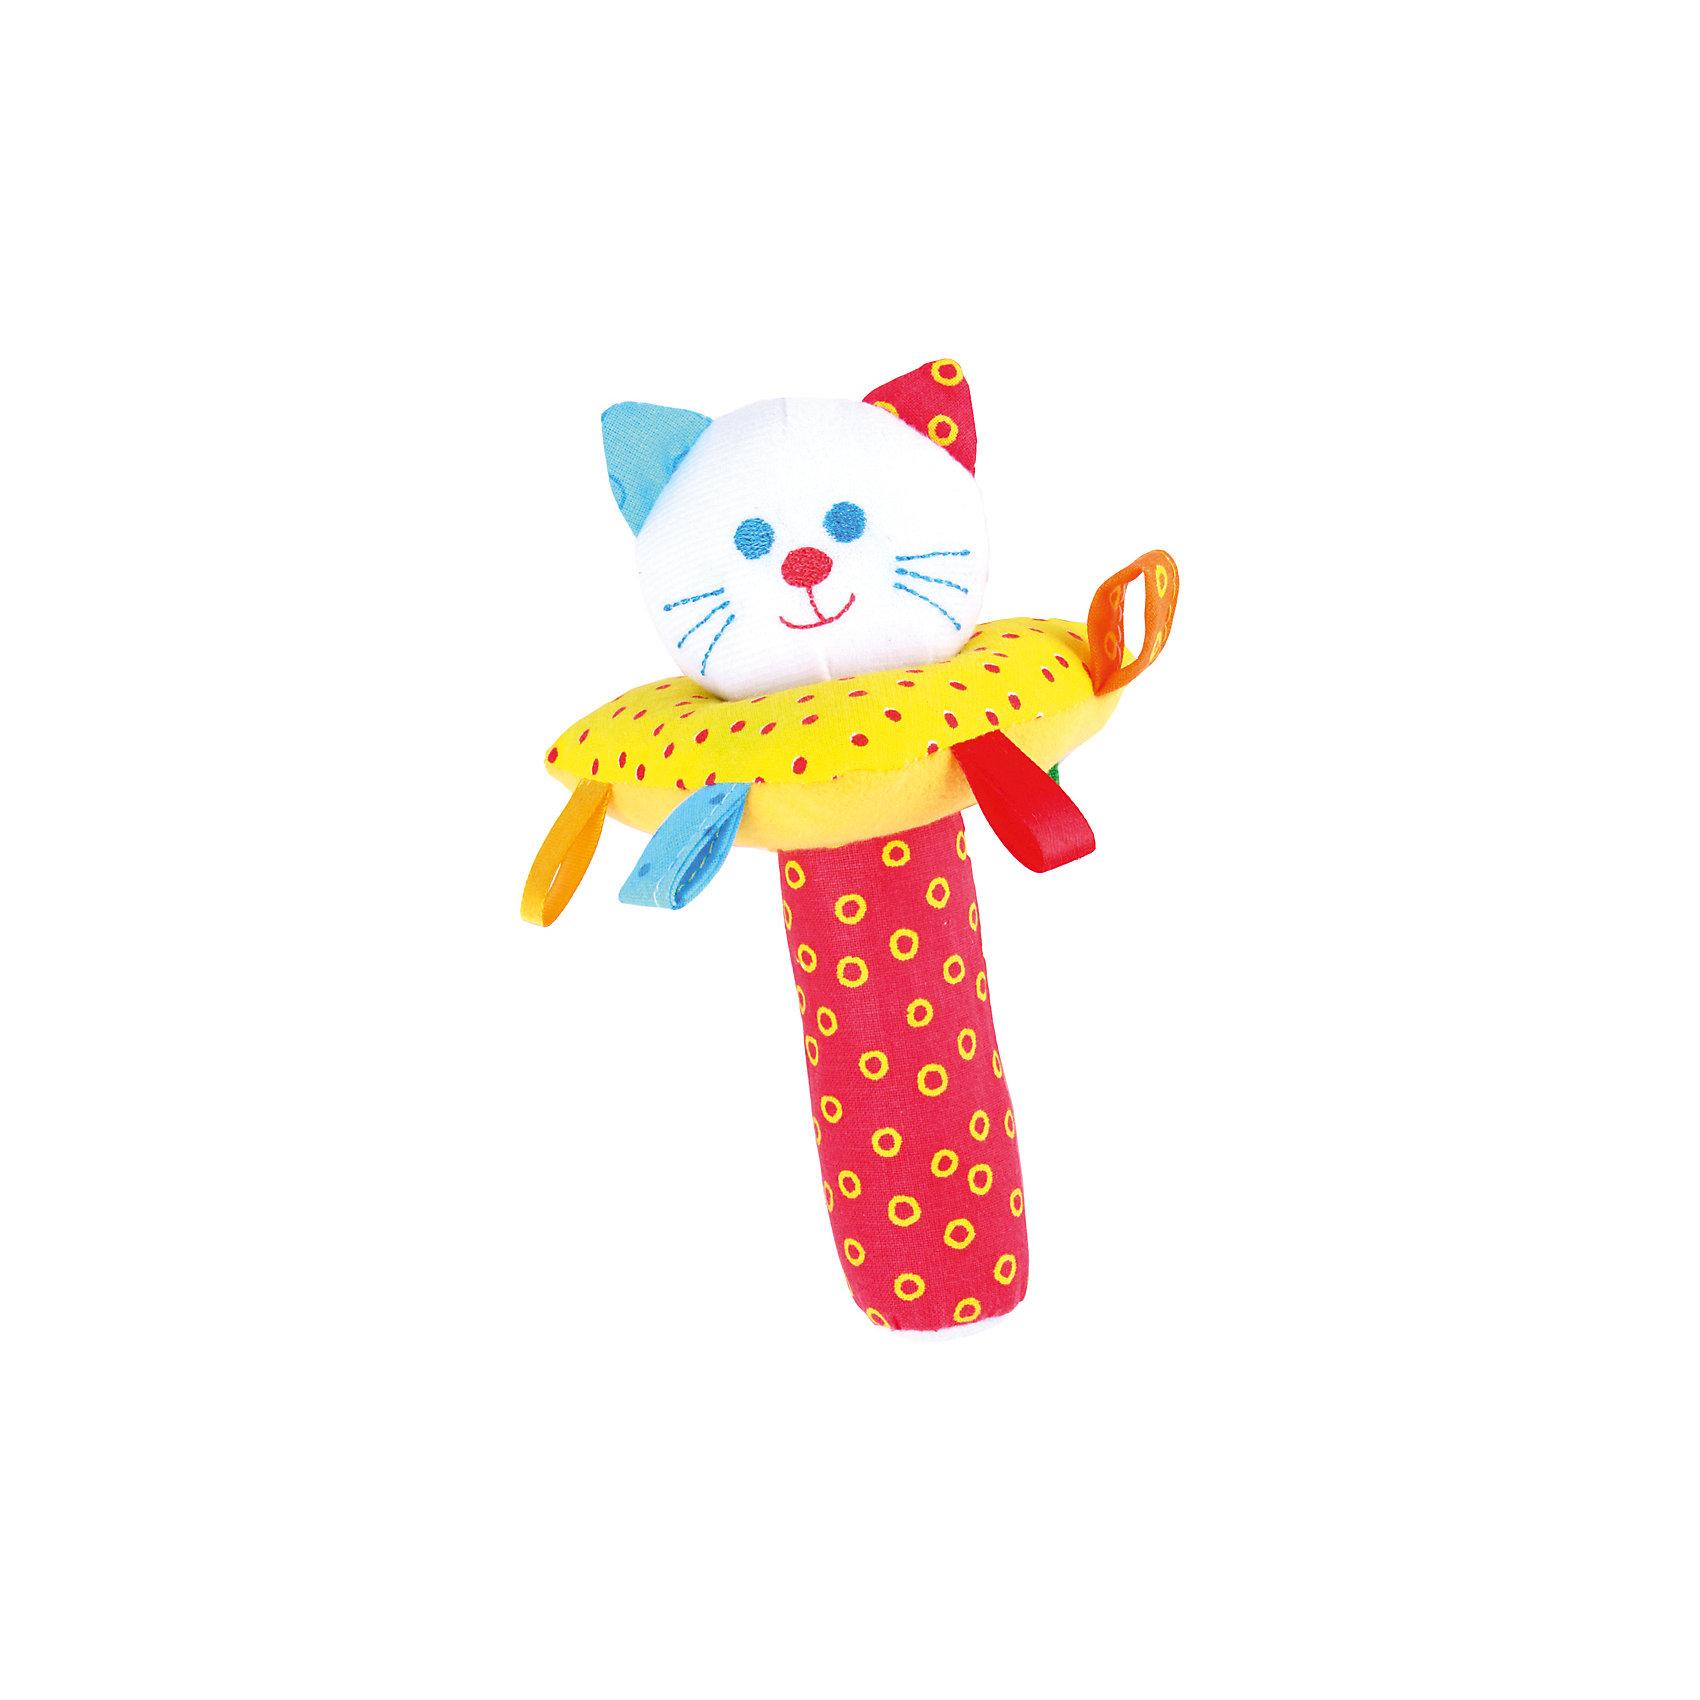 Пирамидка с погремушкой  Котик, МякишиИгрушки для новорожденных<br>Характеристики товара:<br><br>• материал: разнофактурный текстиль, поролон, холлофайбер<br>• комплектация: 1 шт<br>• размер игрушки: 25х15 см<br>• звуковой элемент<br>• пирамидка<br>• развивающая игрушка<br>• упаковка: пакет<br>• страна бренда: РФ<br>• страна изготовитель: РФ<br><br>Малыши активно познают мир и тянутся к новой информации. Чтобы сделать процесс изучения окружающего пространства интереснее, ребенку можно подарить развивающие игрушки. В процессе игры информация усваивается намного лучше!<br>Такие игрушки помогут занять малыша, играть ими приятно и весело. Одновременно они позволят познакомиться со многими цветами, фактурами, а также научиться извлекать звук. Подобные игрушки развивают тактильные ощущения, моторику, цветовосприятие, логику, воображение, учат фокусировать внимание. Каждое изделие абсолютно безопасно – оно создано из качественной ткани с мягким наполнителем. Игрушки производятся из качественных и проверенных материалов, которые безопасны для детей.<br><br>Пирамидку с погремушкой Котик от бренда Мякиши можно купить в нашем интернет-магазине.<br><br>Ширина мм: 200<br>Глубина мм: 150<br>Высота мм: 150<br>Вес г: 50<br>Возраст от месяцев: 12<br>Возраст до месяцев: 36<br>Пол: Унисекс<br>Возраст: Детский<br>SKU: 5183218